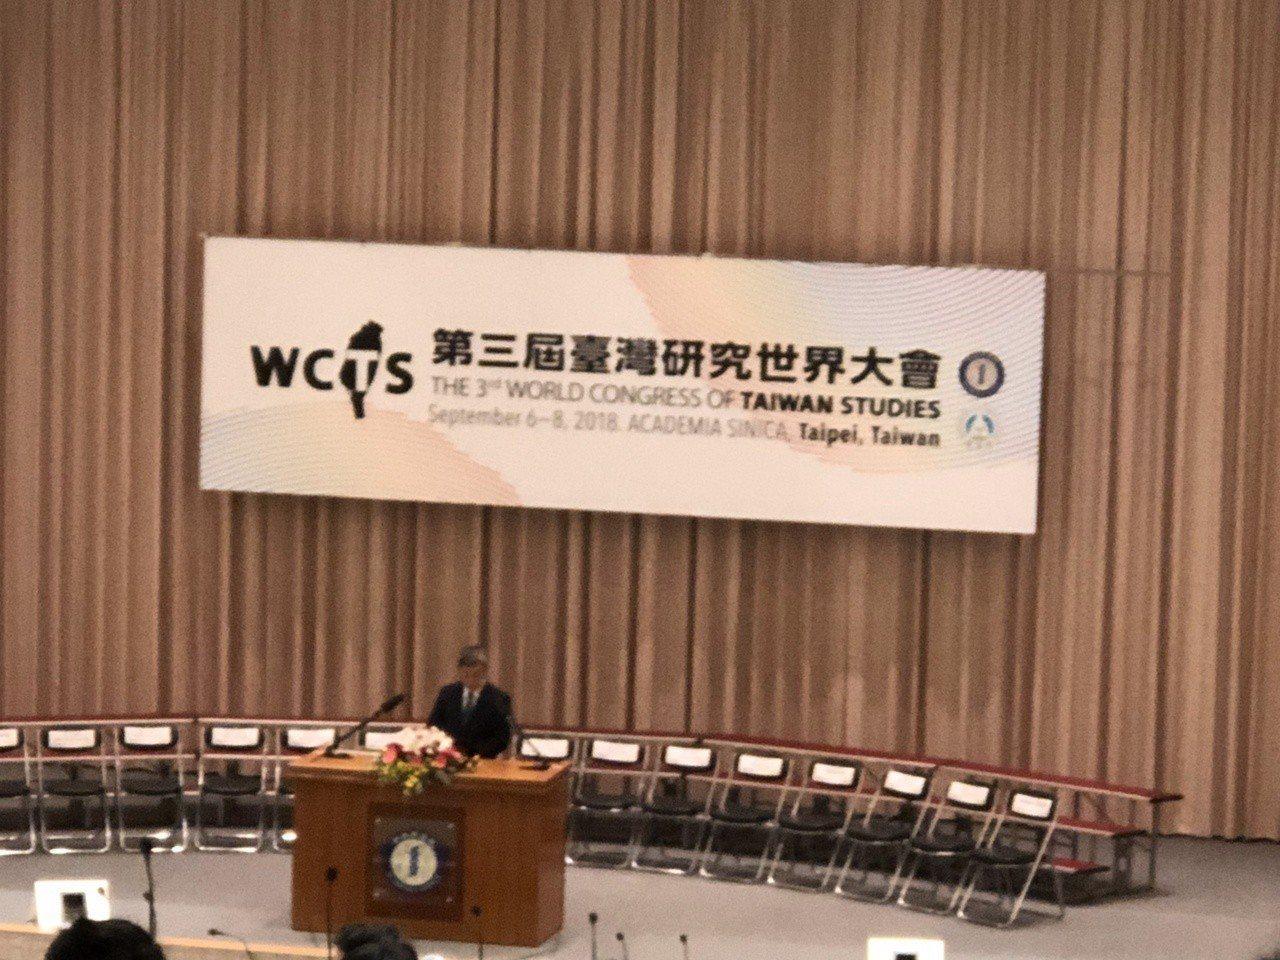 中研院舉行台灣研究世界大會。記者何定照/攝影